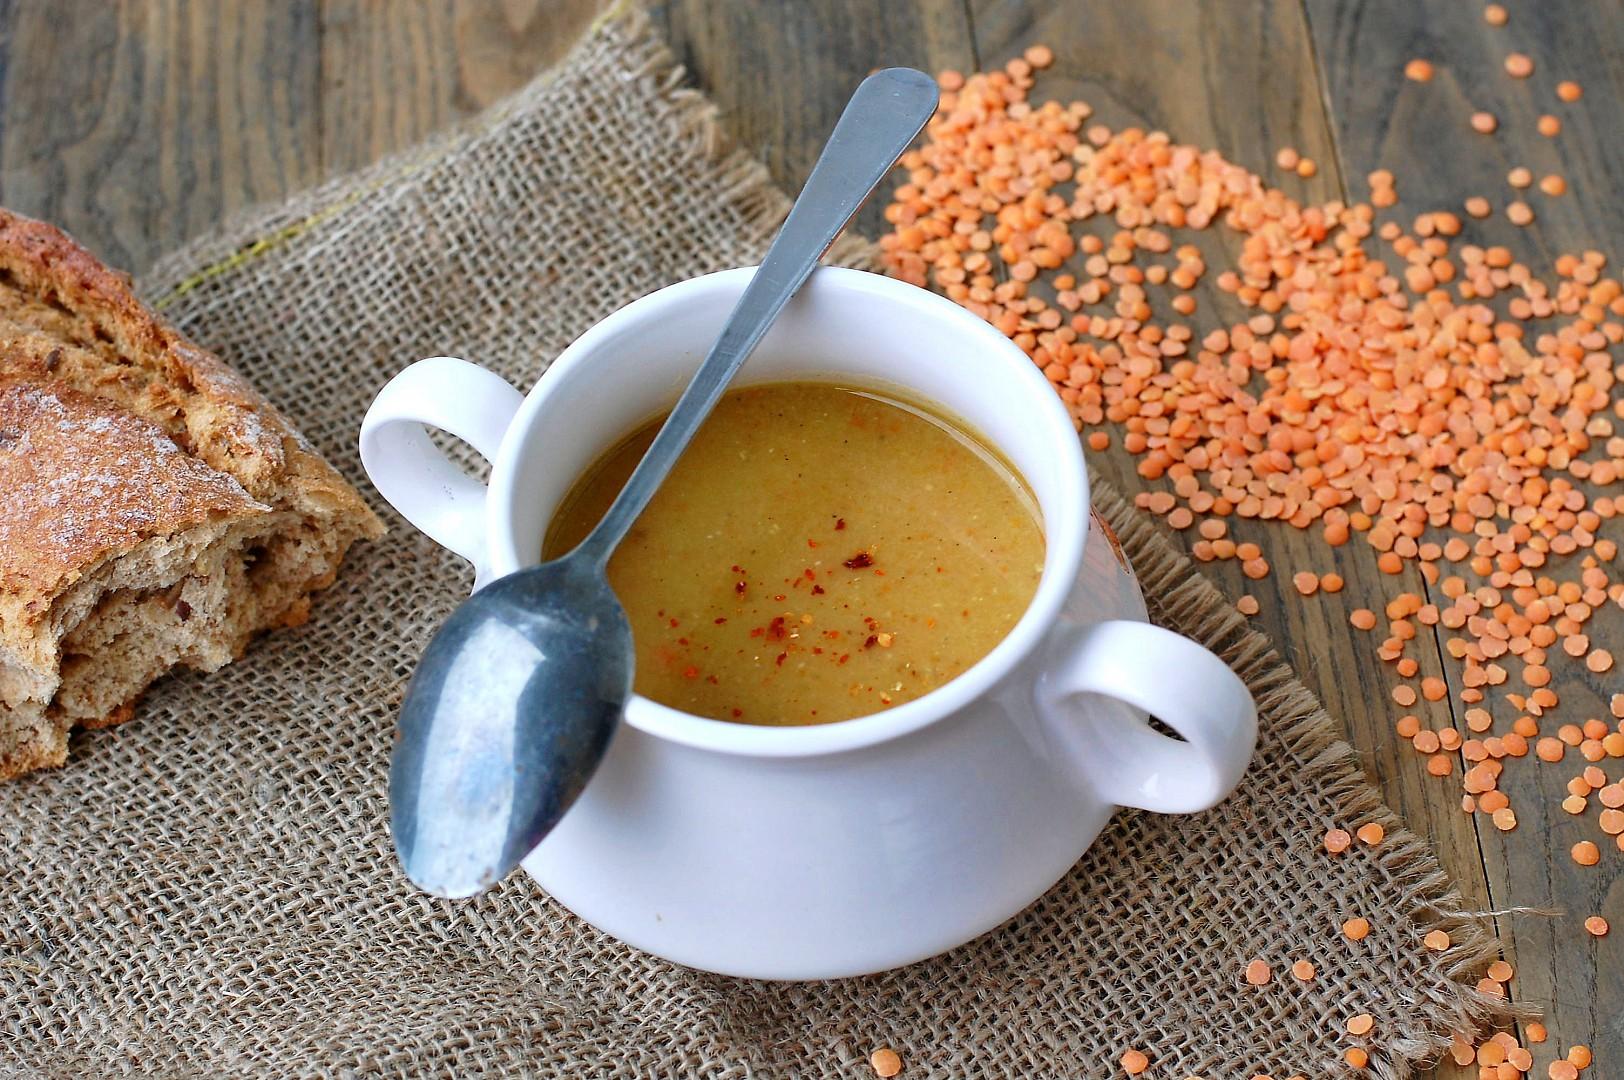 Voňavá polévka z červené čočky recept